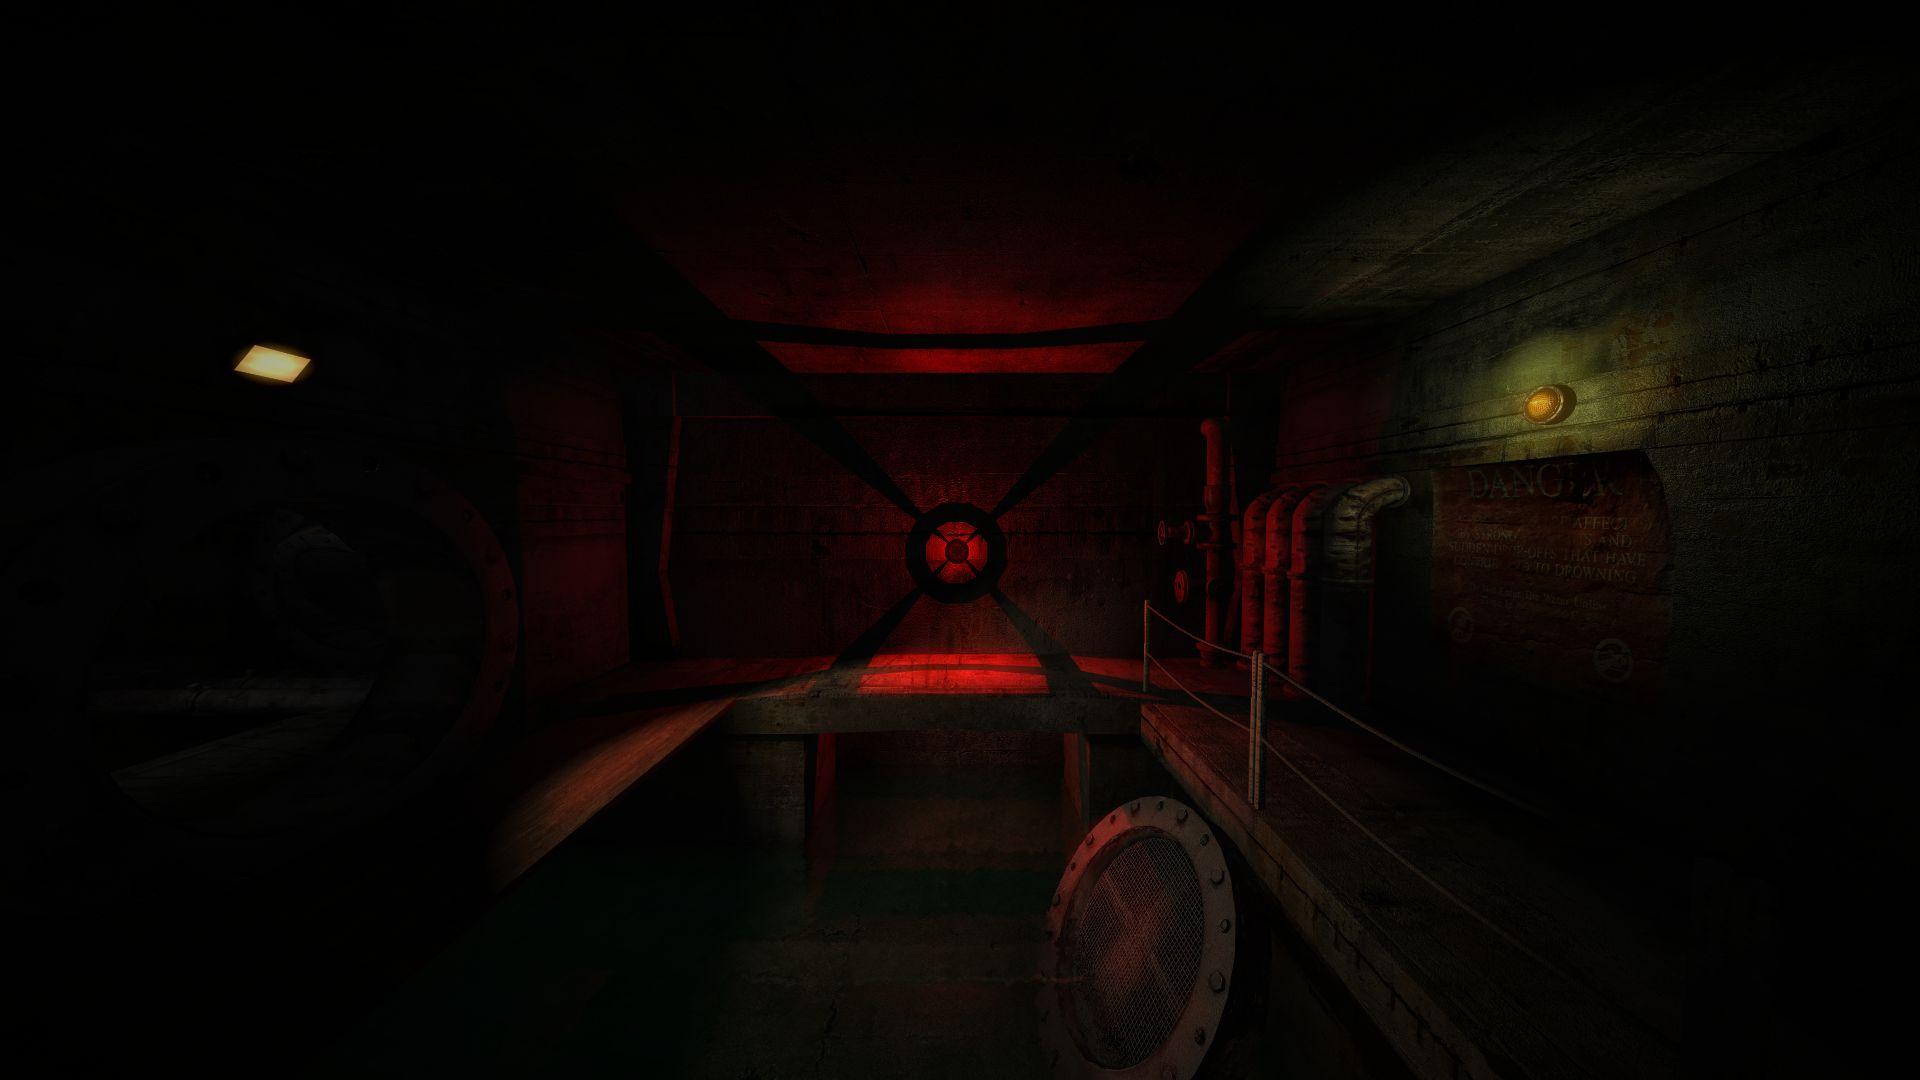 一个恶魔的游戏游戏图片欣赏